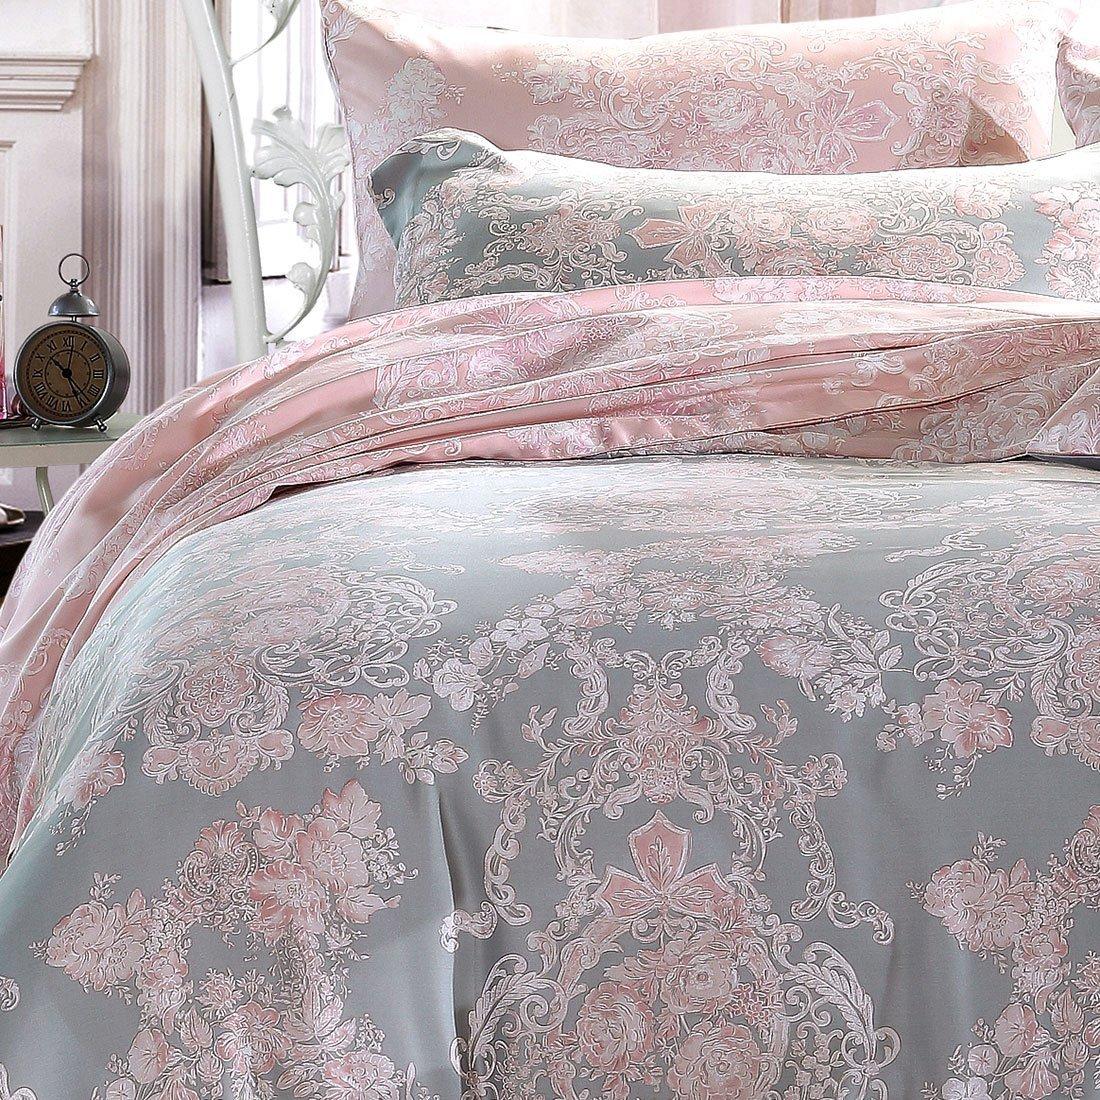 Bedclothes (percale) - yorumlar. Hangi kumaş yatak için daha iyidir 58